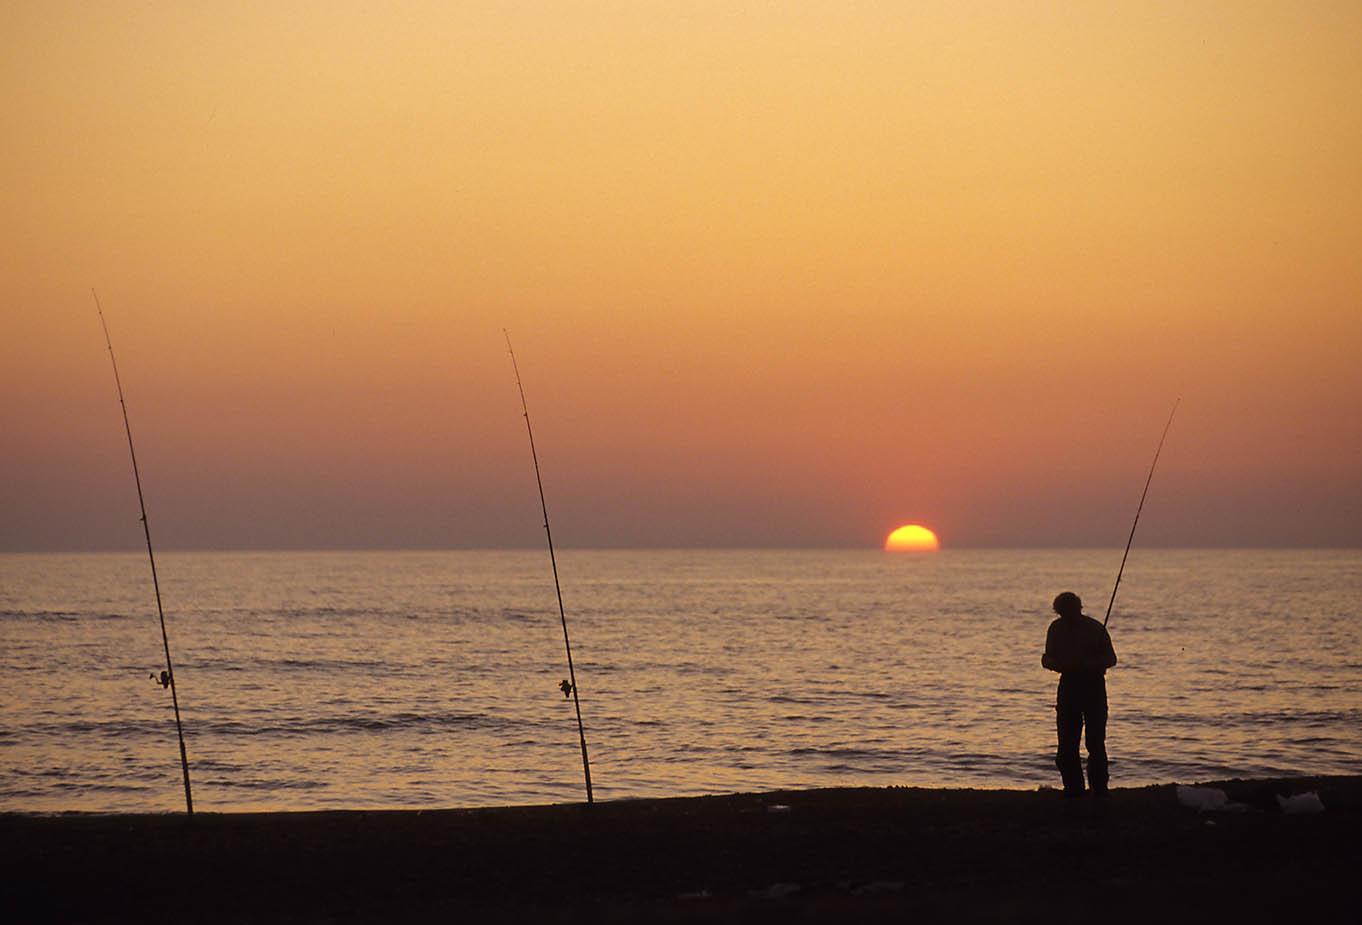 ITALIA, TOSCANA, COSTA DEGLI ETRUSCHI, Castagneto Carducci (LI): Marina di Donoratico, tramonto.